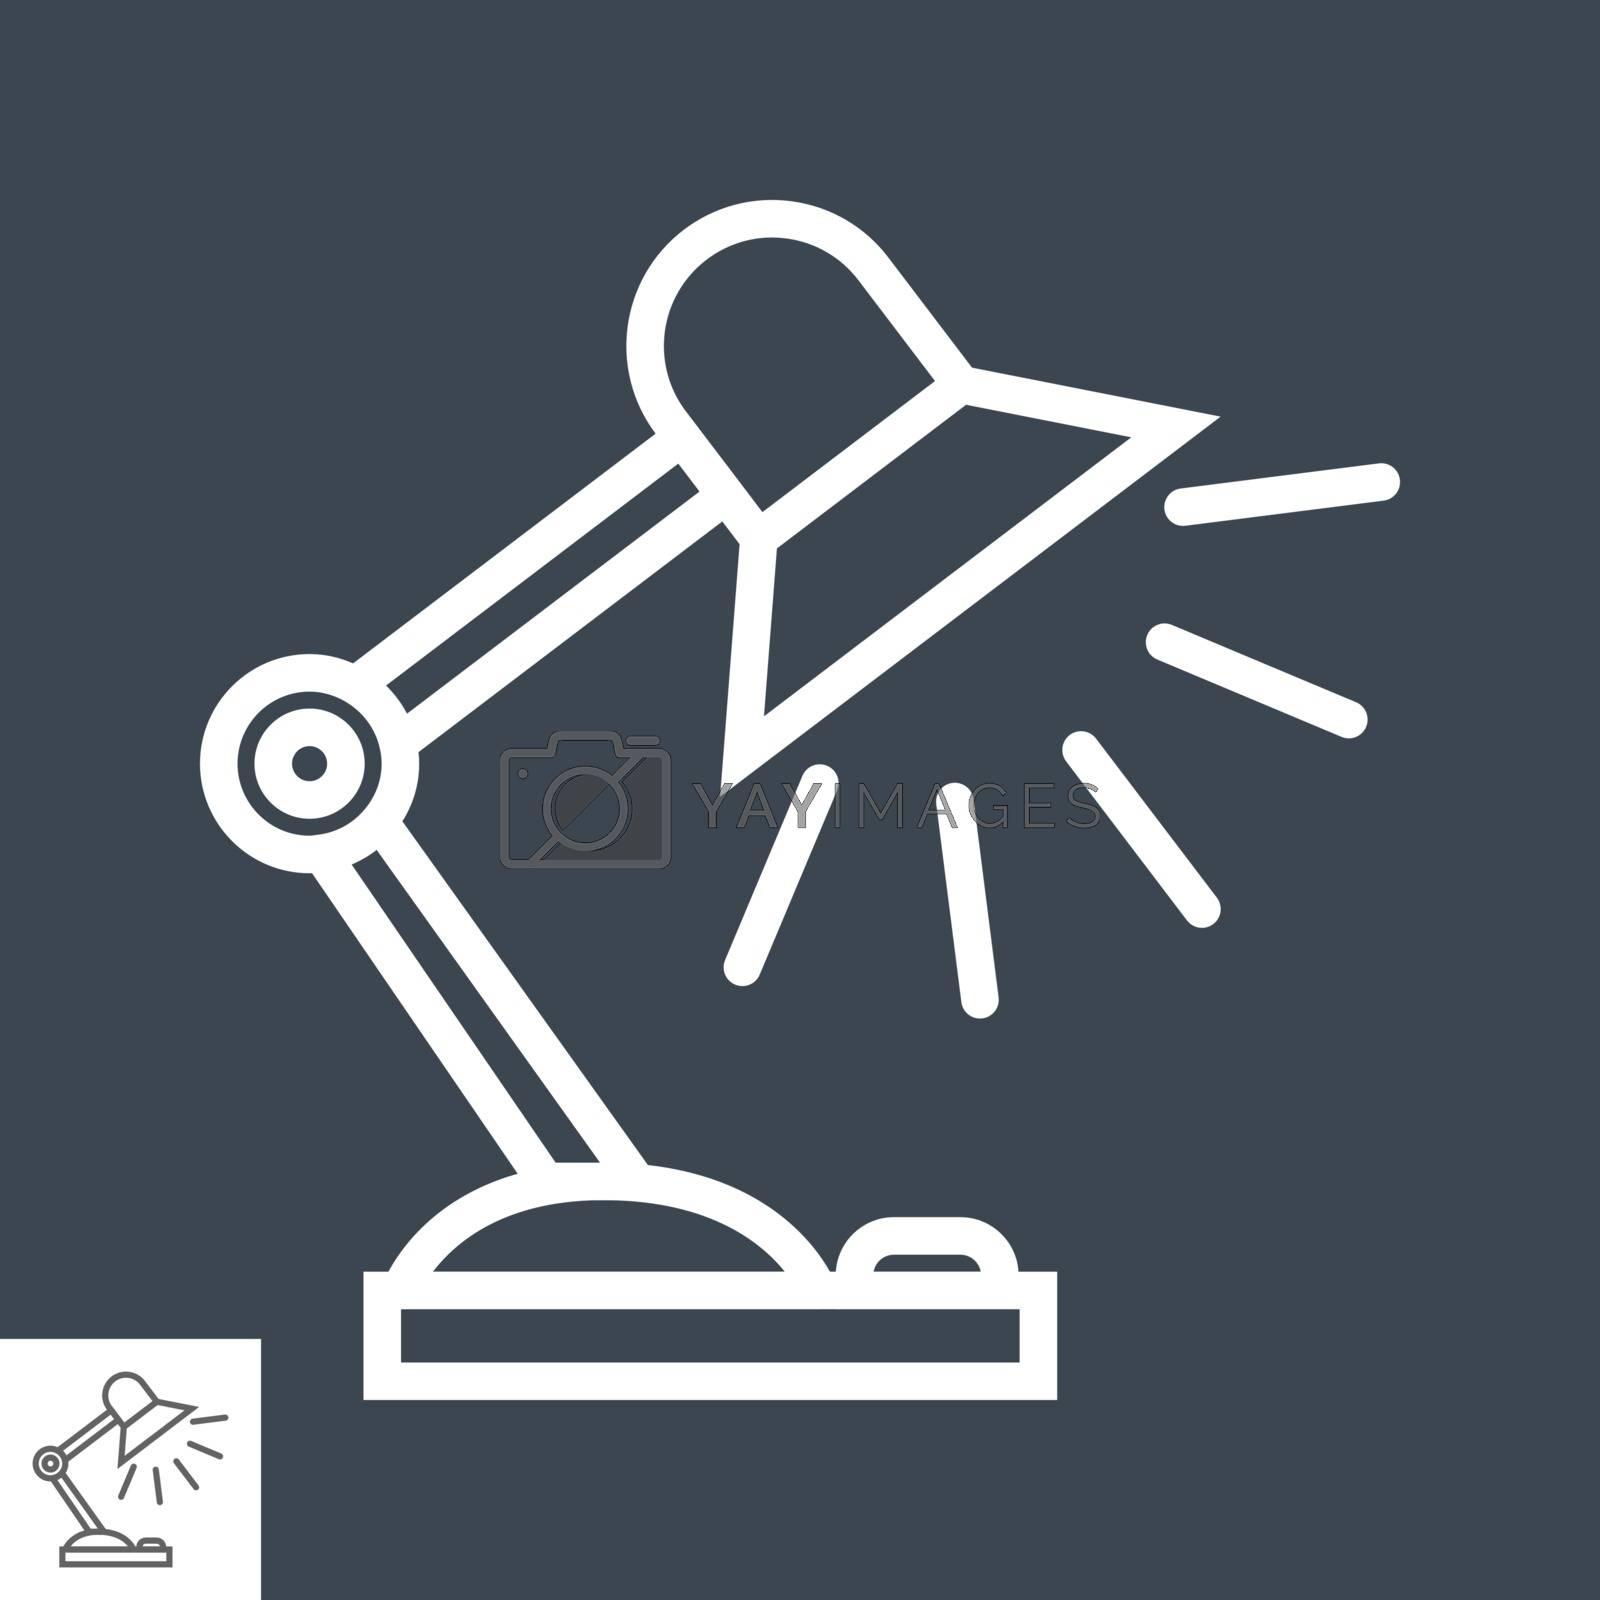 Reading-lamp flat icon by smoki